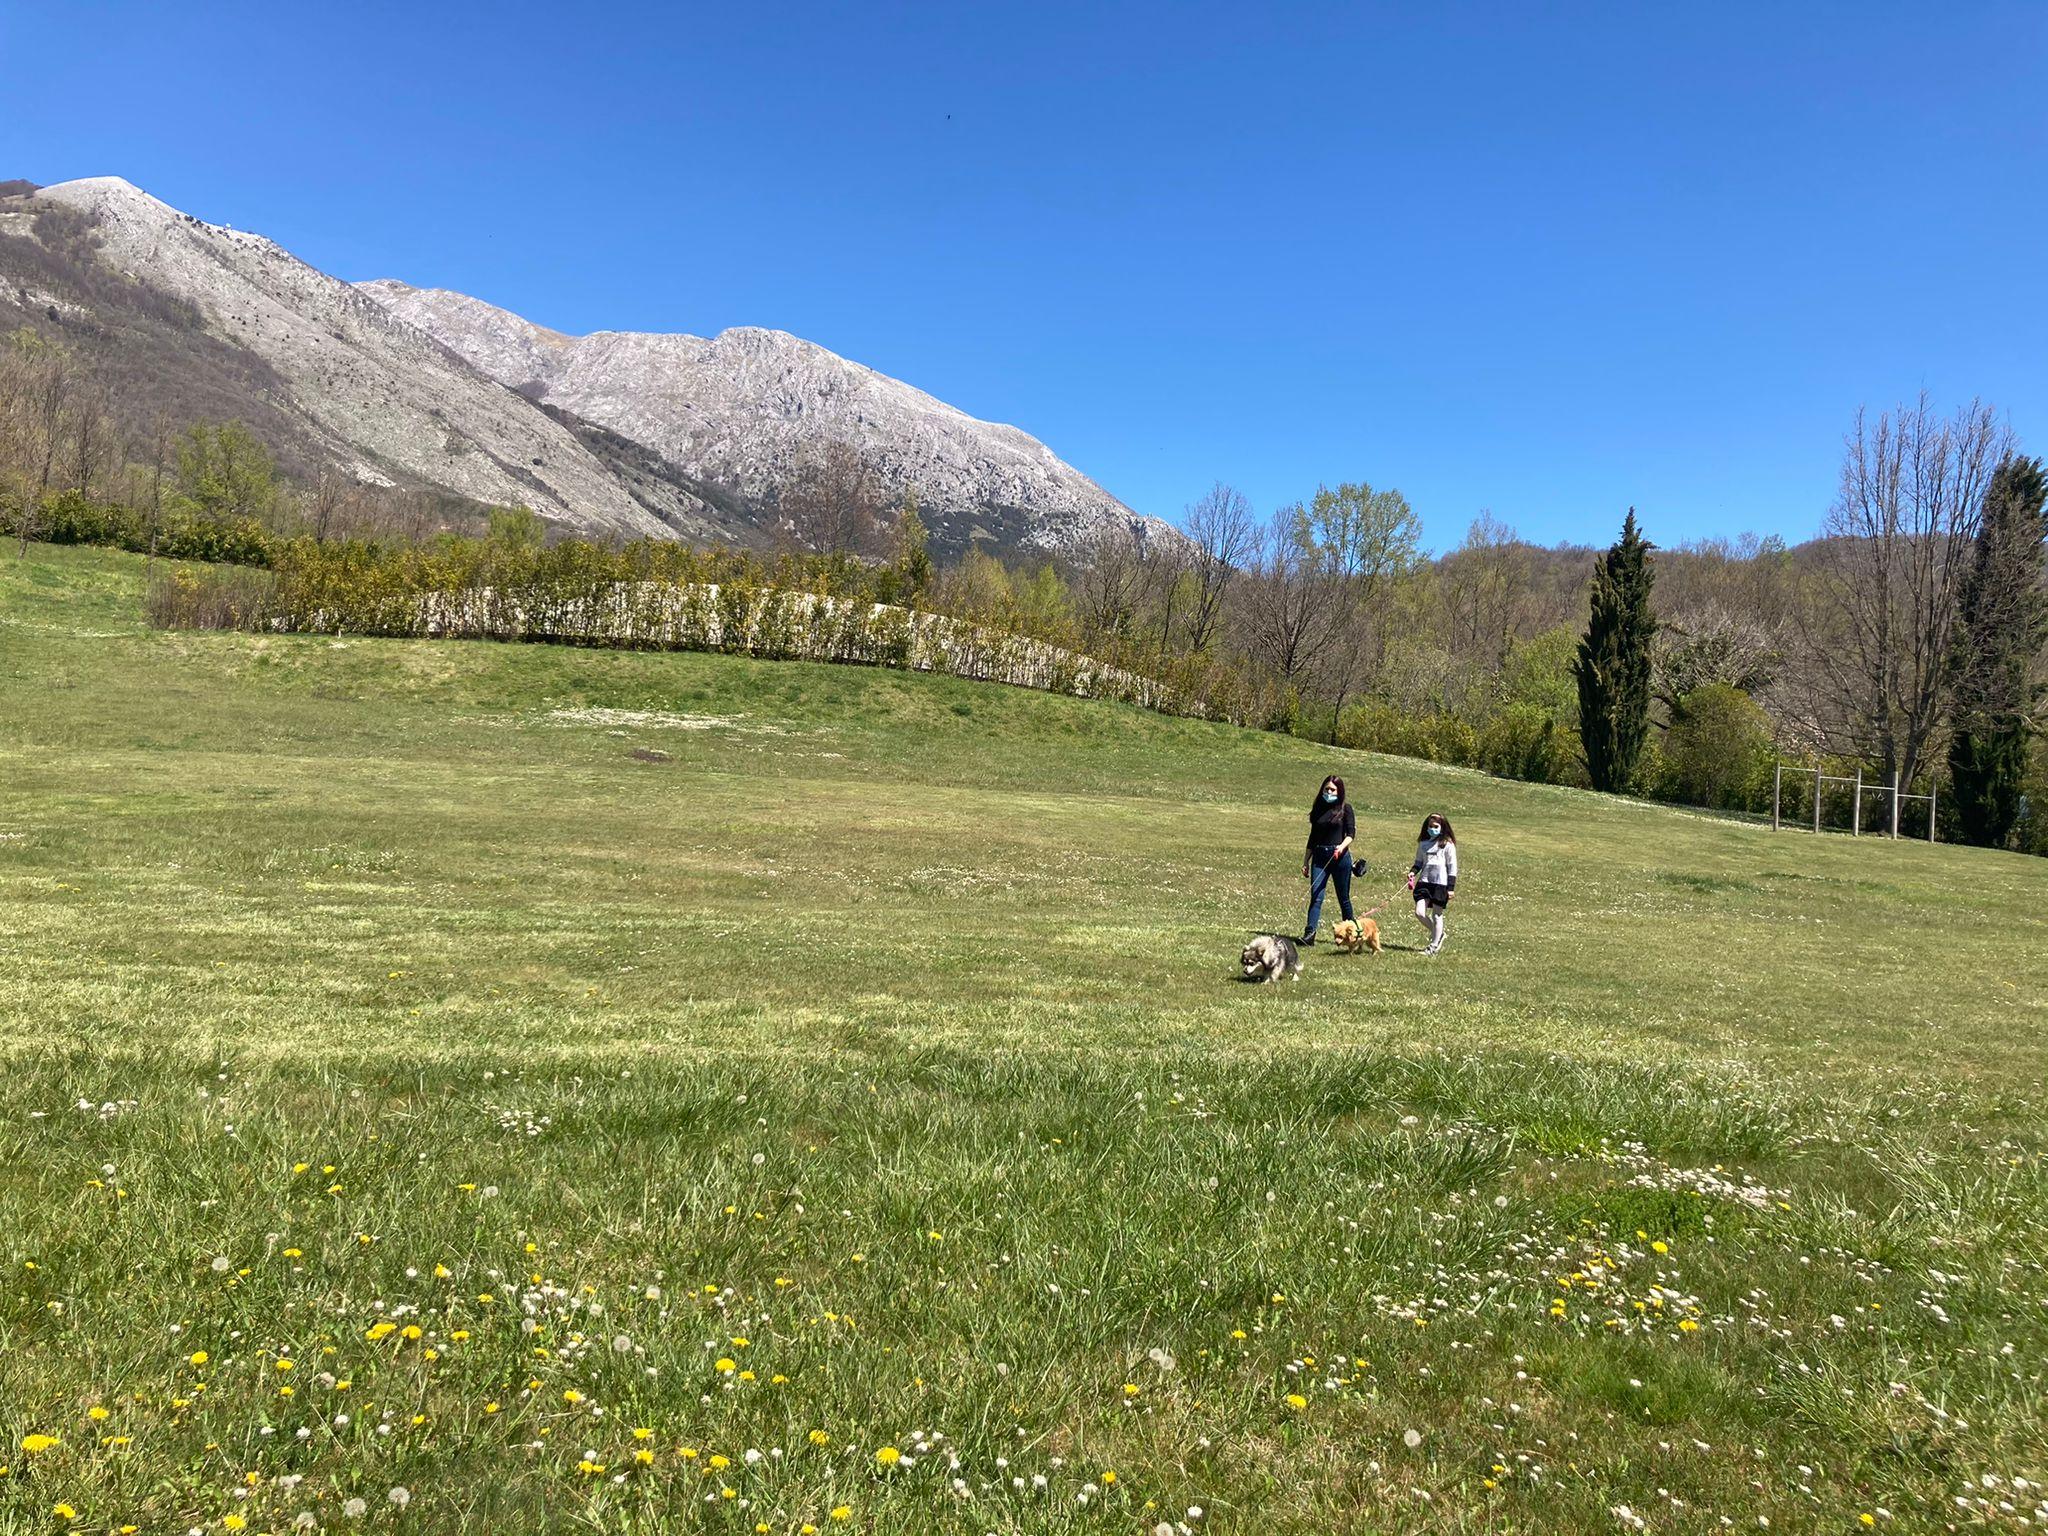 Vacanze nei borghi italiani con gli amici a 4 zampe: cosa portare